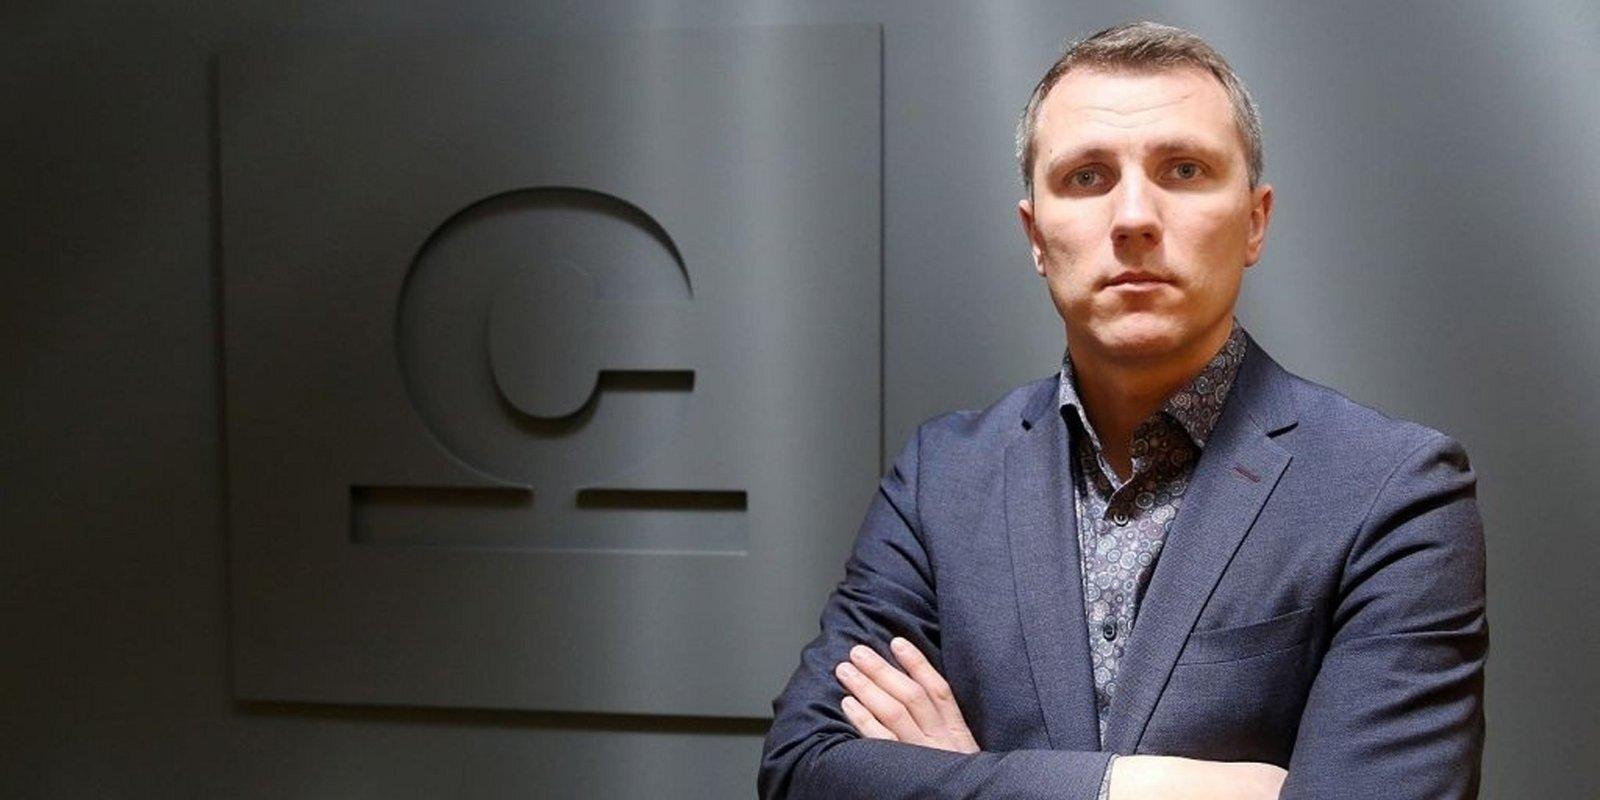 Personība biznesā: datortehnikas tirgotāja 'Capital' valdes loceklis Ivars Šulcs